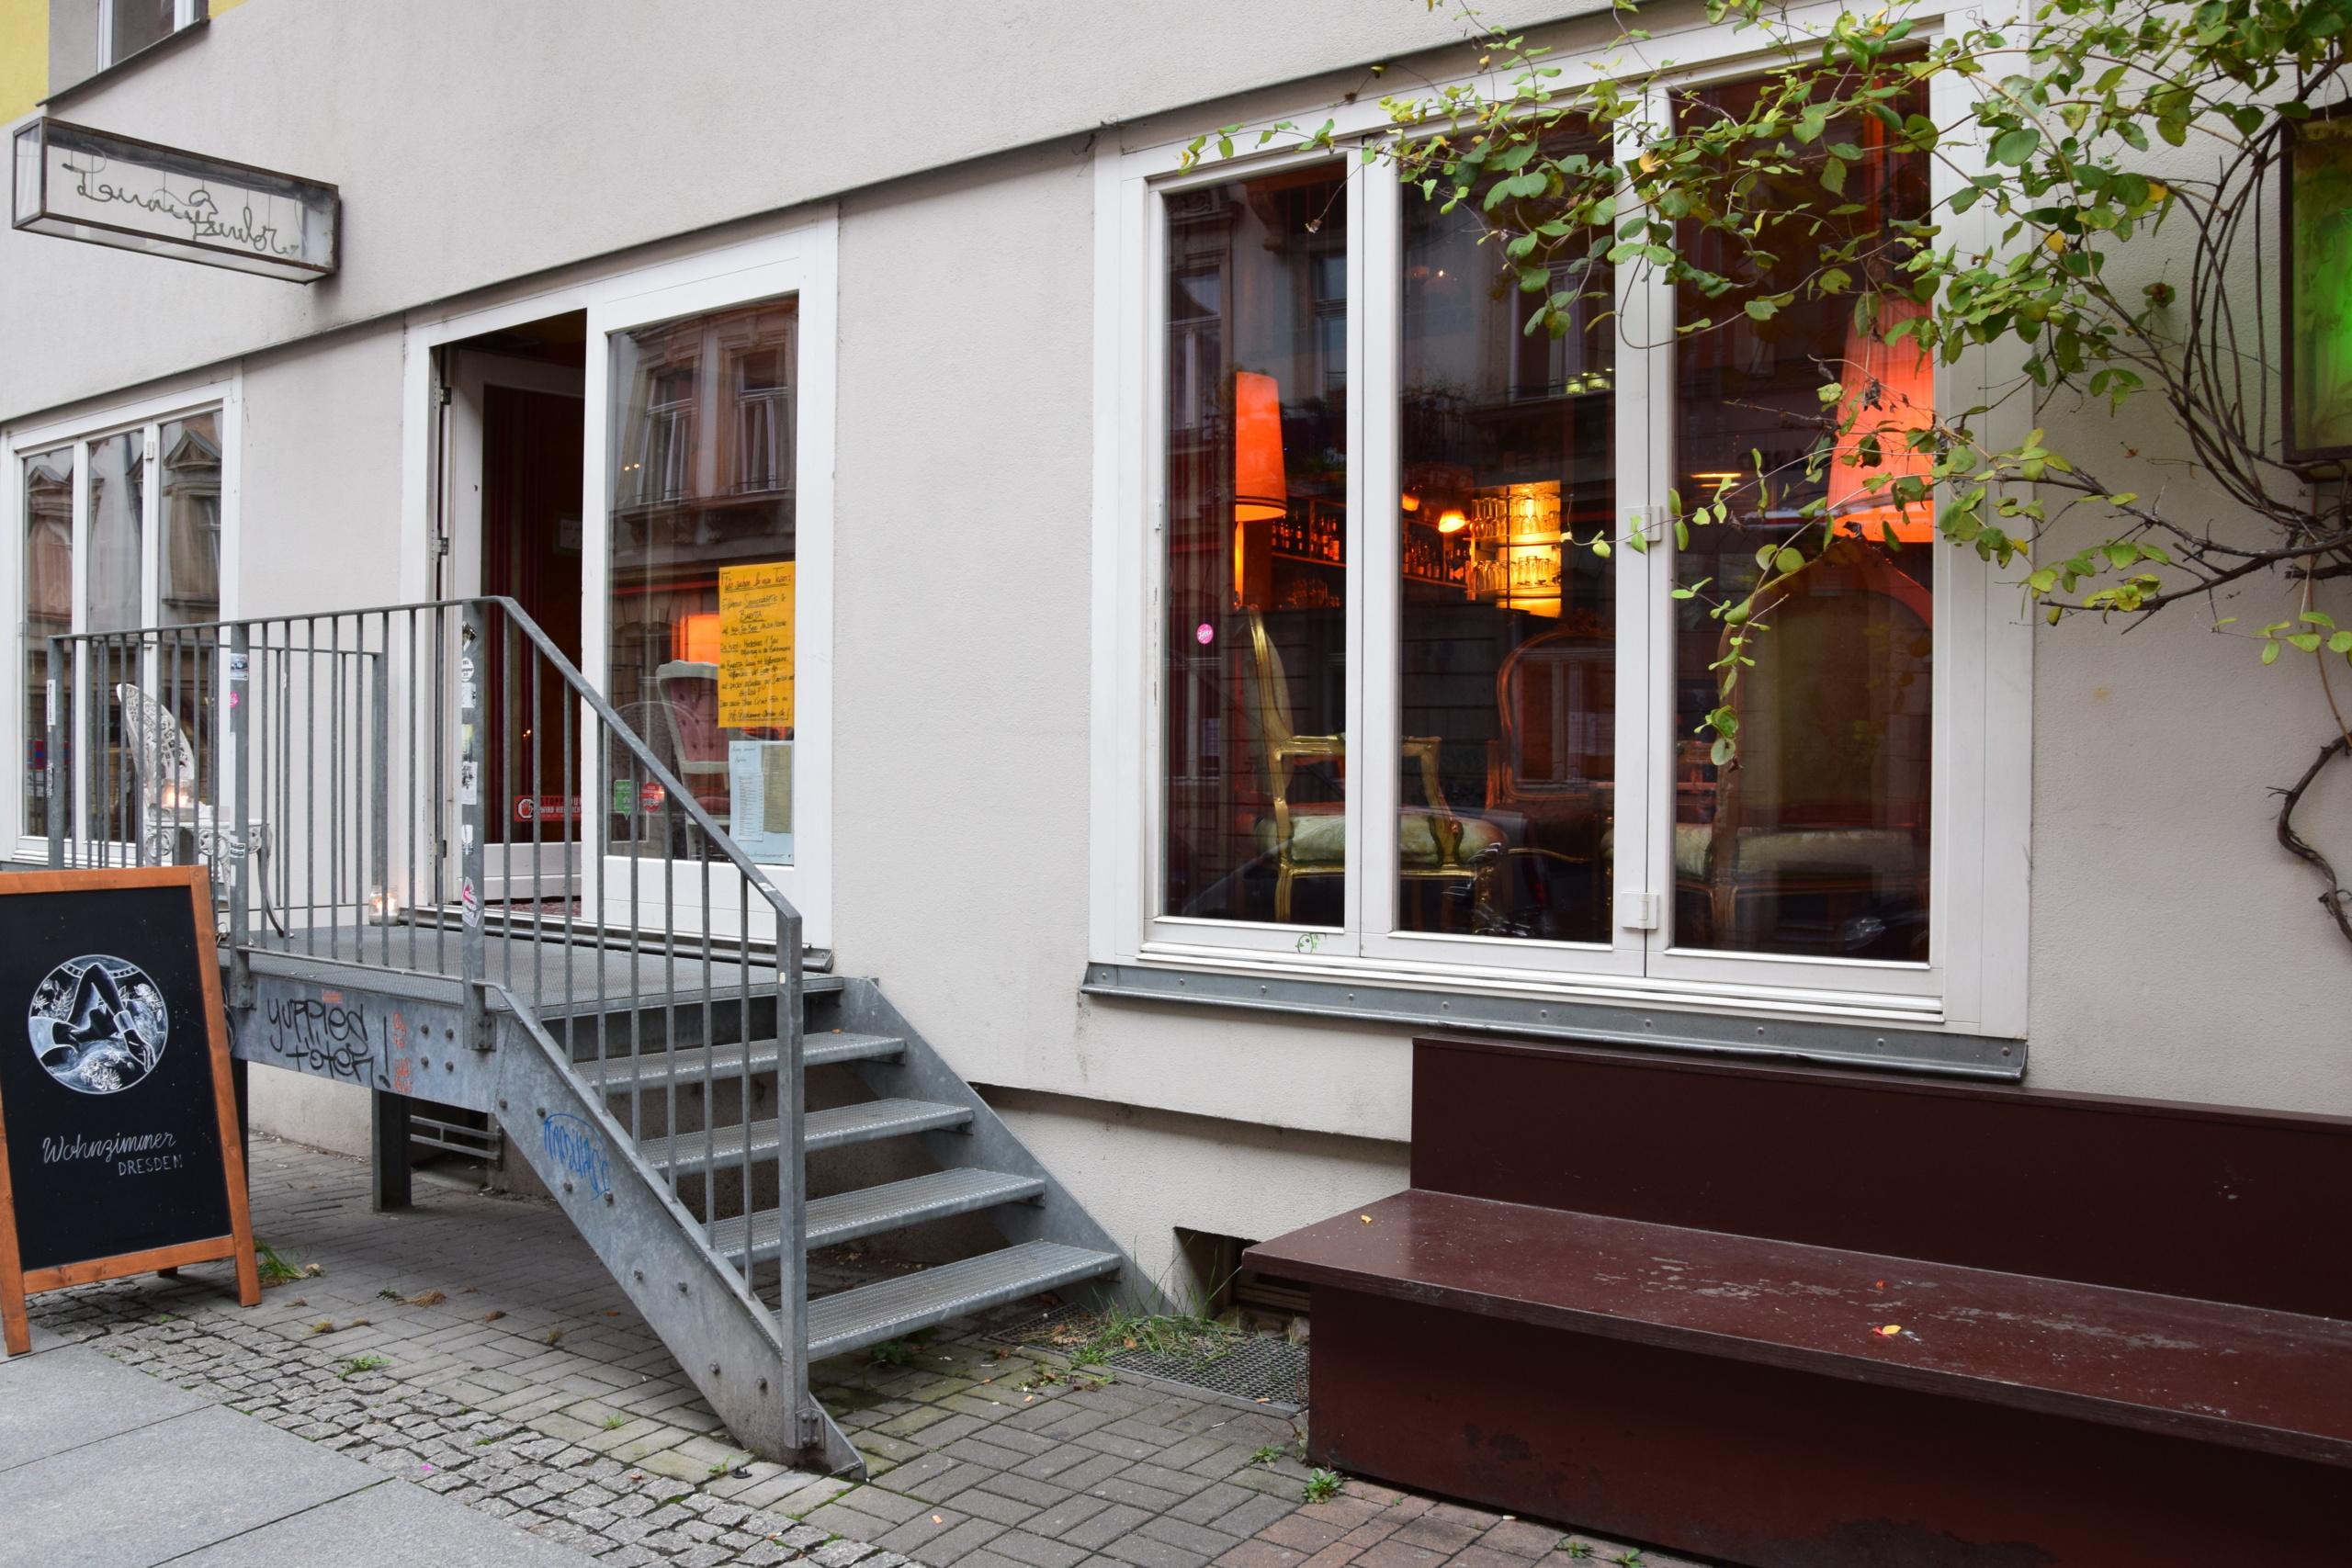 Wohnzimmer Ffnungszeiten Jordanstrasse In Dresden